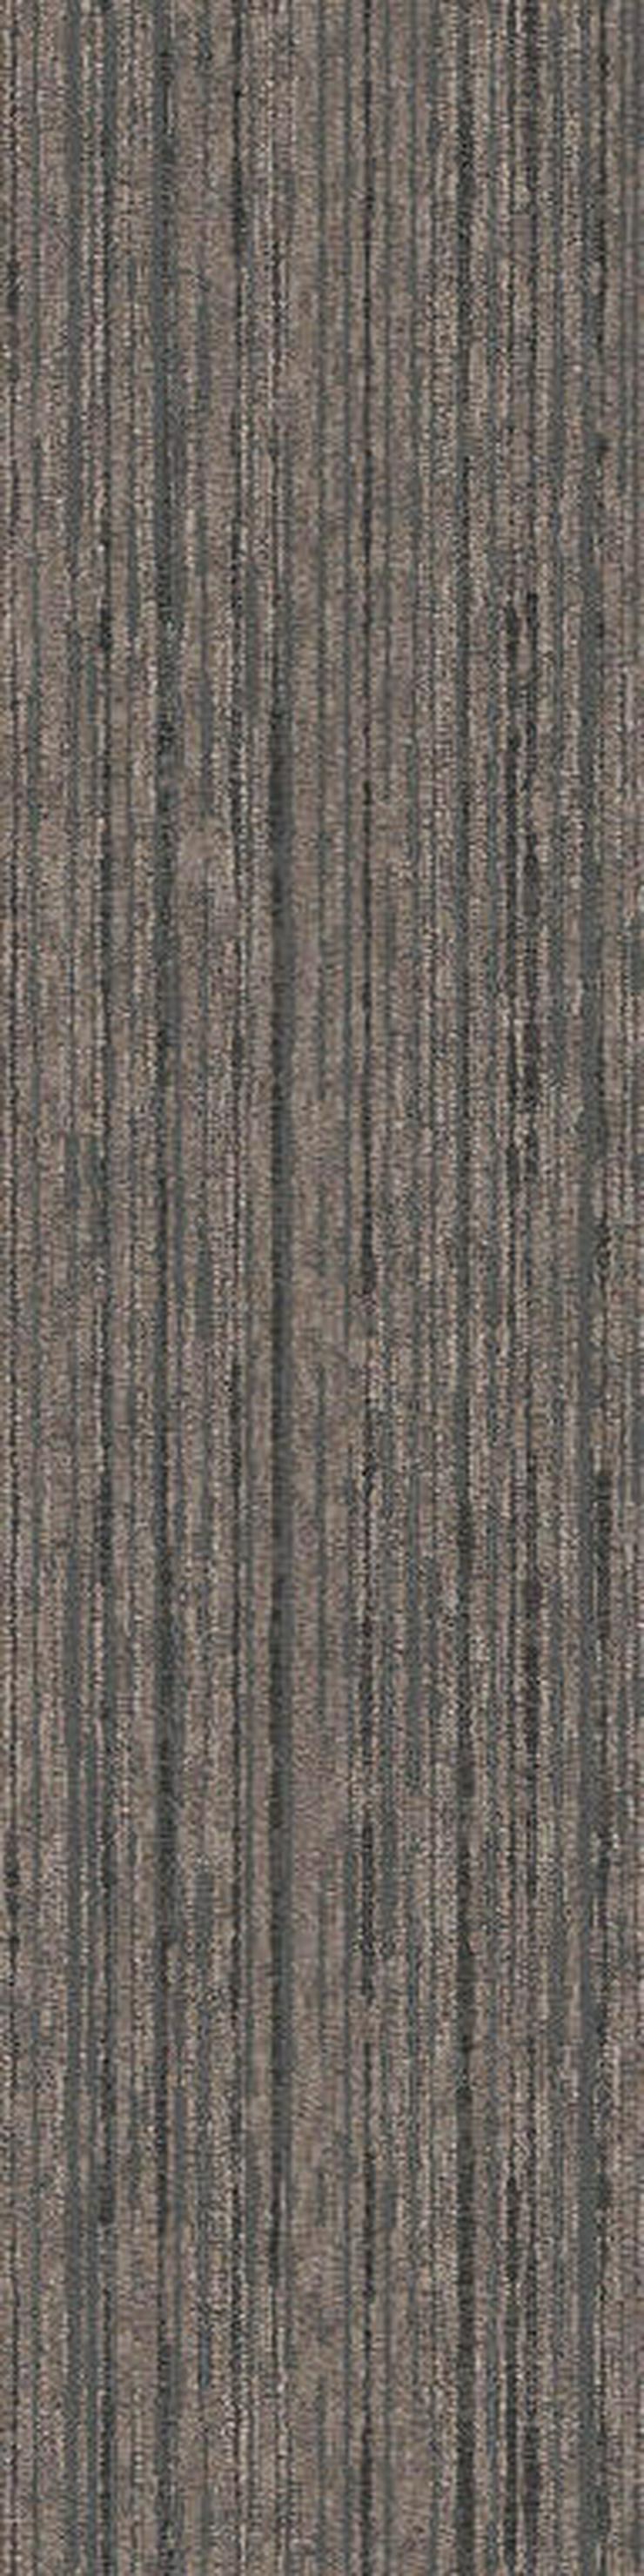 Bild 6: Schöne leichte 25X100cm Teppichfliesen. Auch in anderen Farben